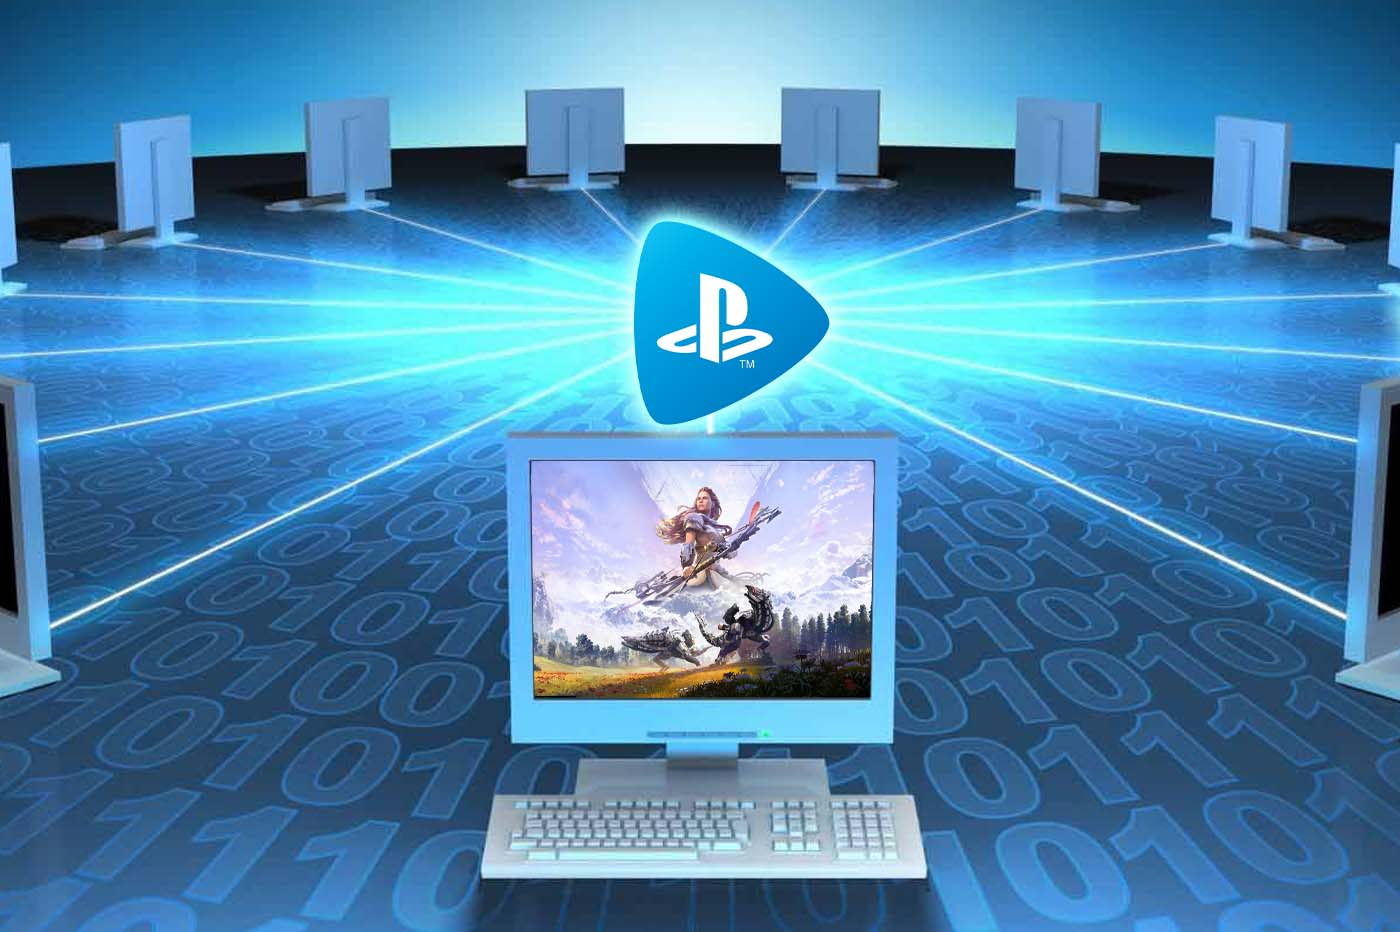 L'un des meilleurs jeux de la PS4 va arriver sur PC cette année. Vers un changement majeur de stratégie du côté de Sony ?